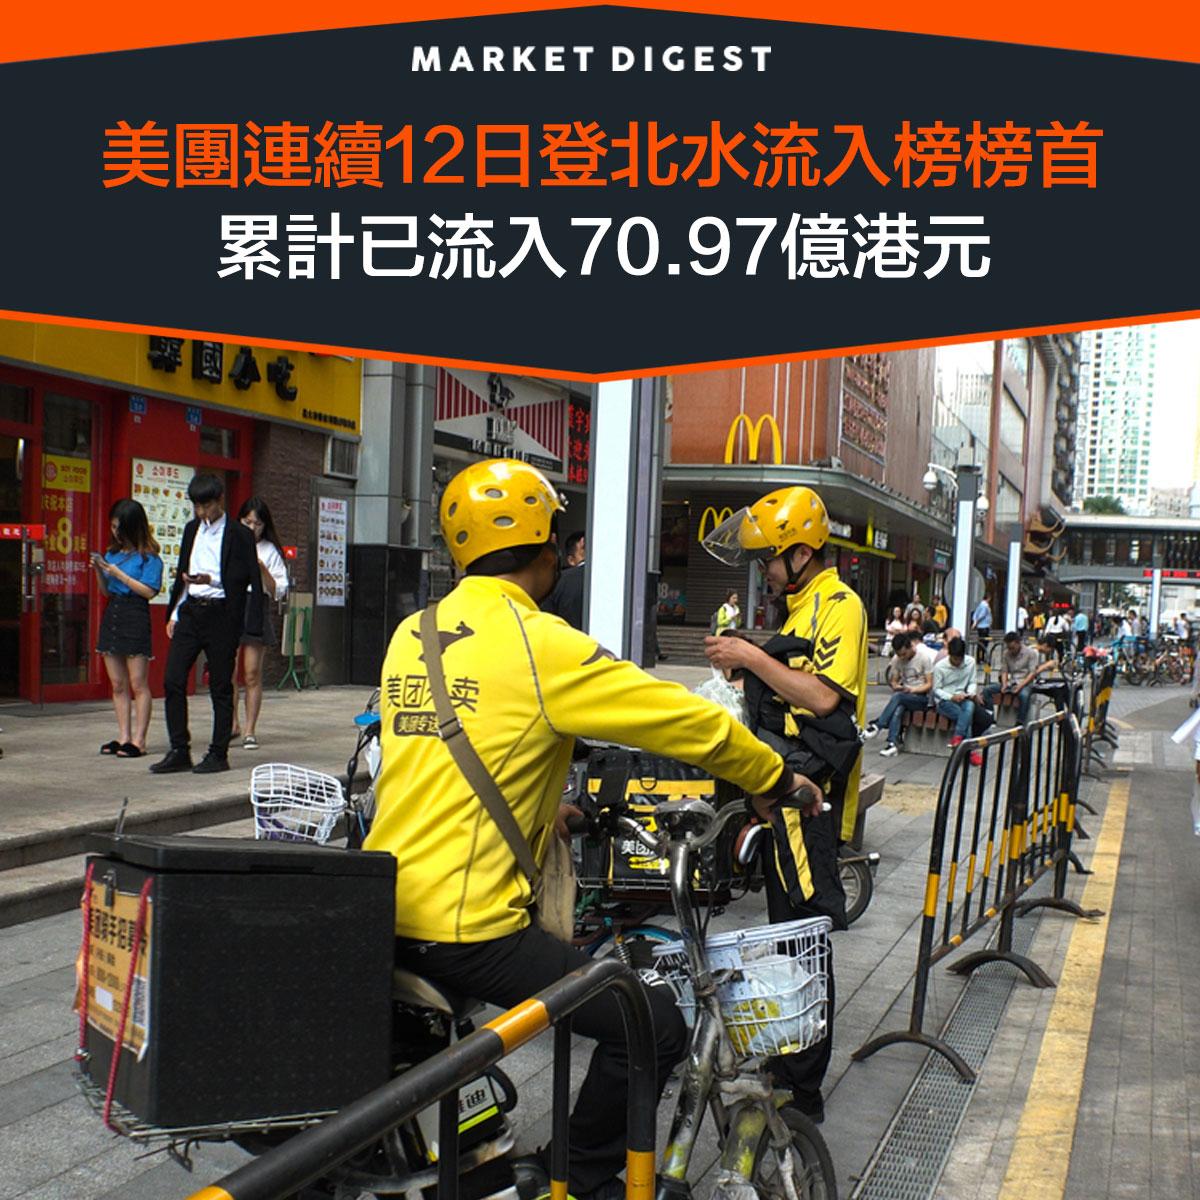 【市場熱話】美團連續12日登北水流入榜榜首,累計已流入70.97億港元